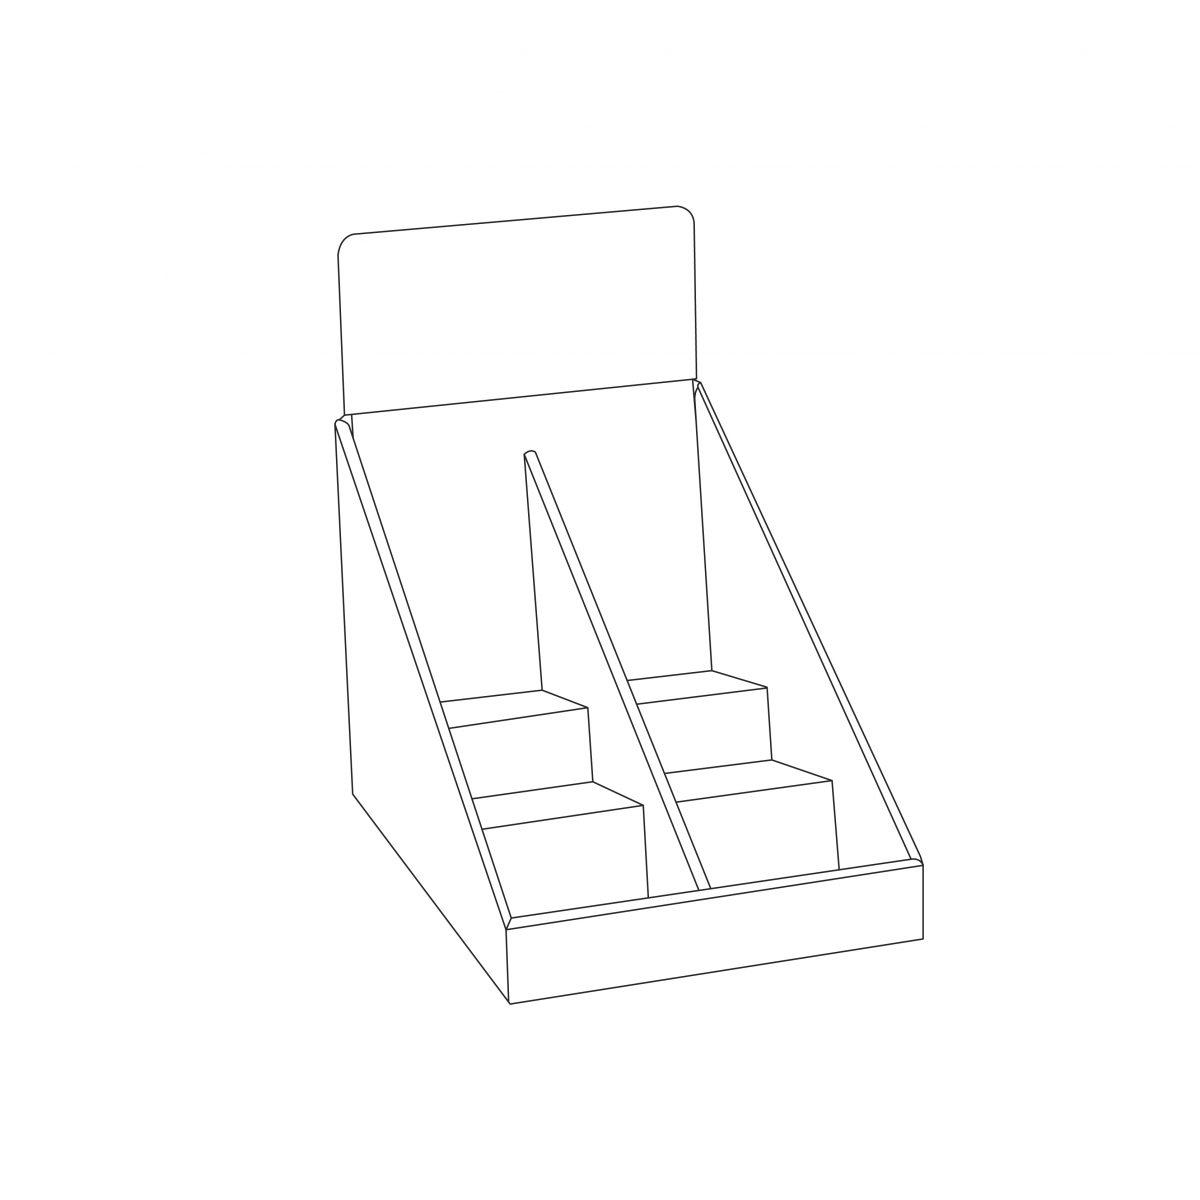 Présentoir de comptoir en carton avec en-tête et 3 tablettes avec séparateur au milieu - Tracé